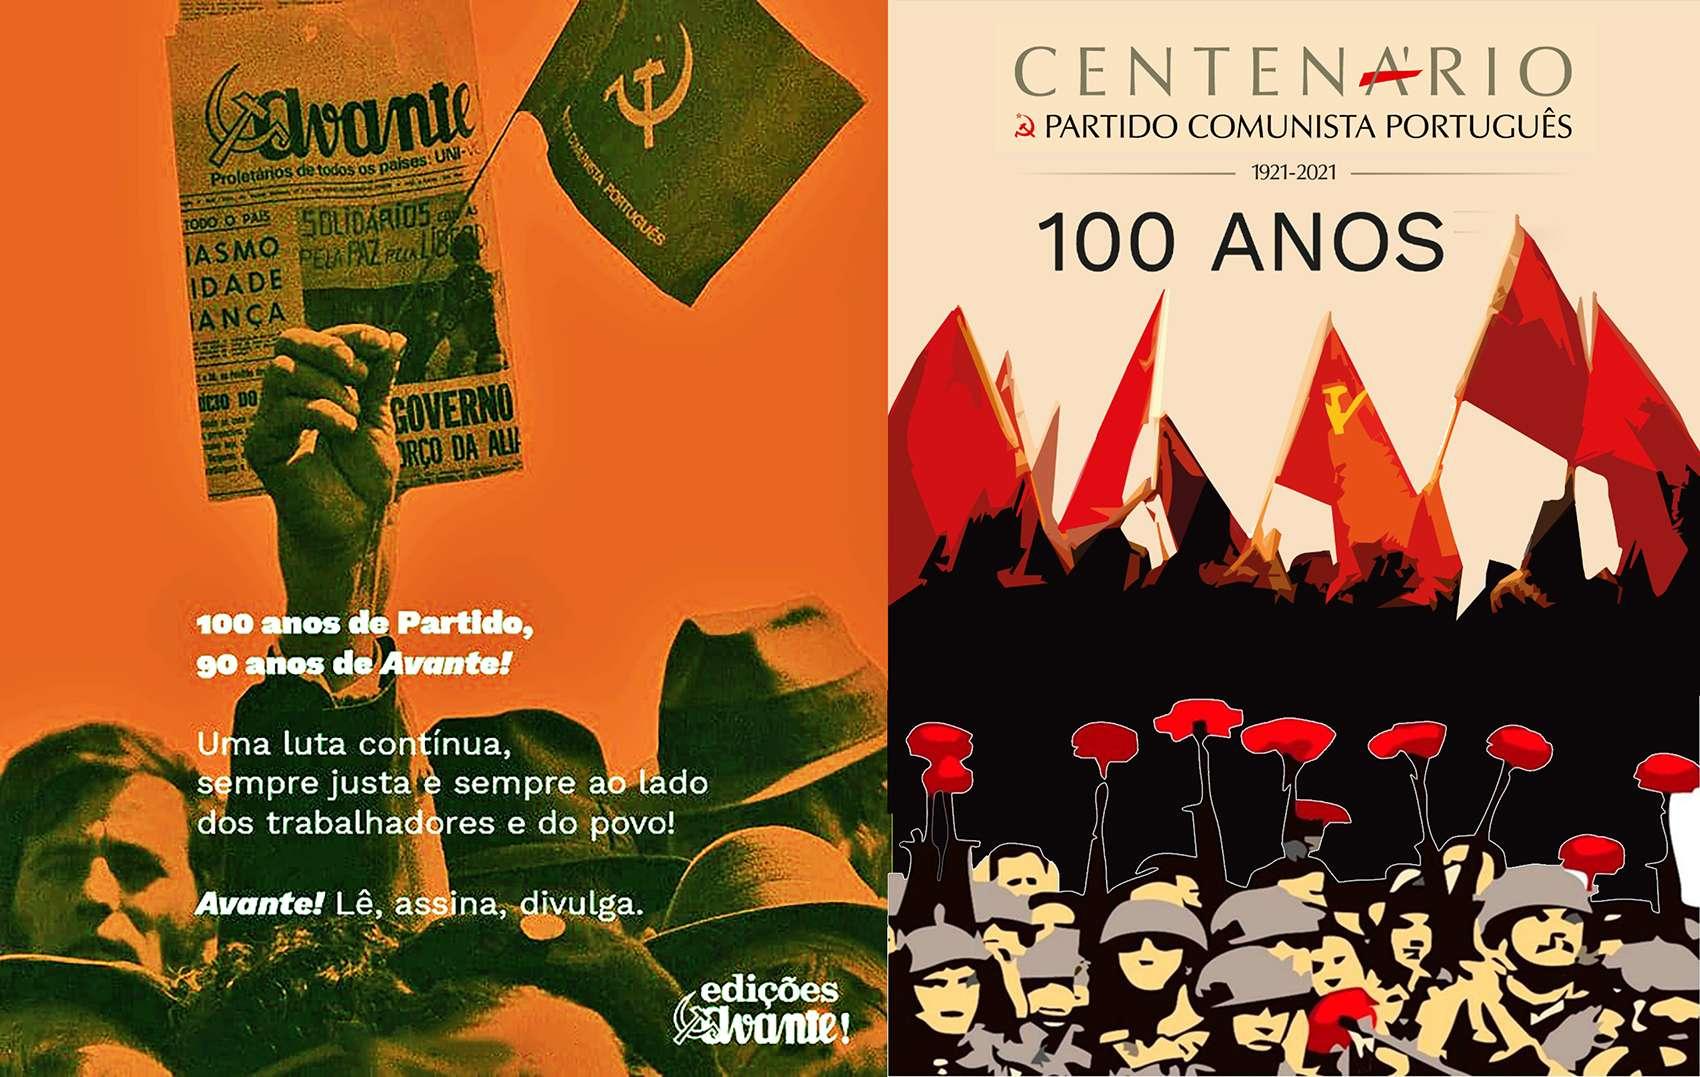 Centenário do Partido Comunista Português